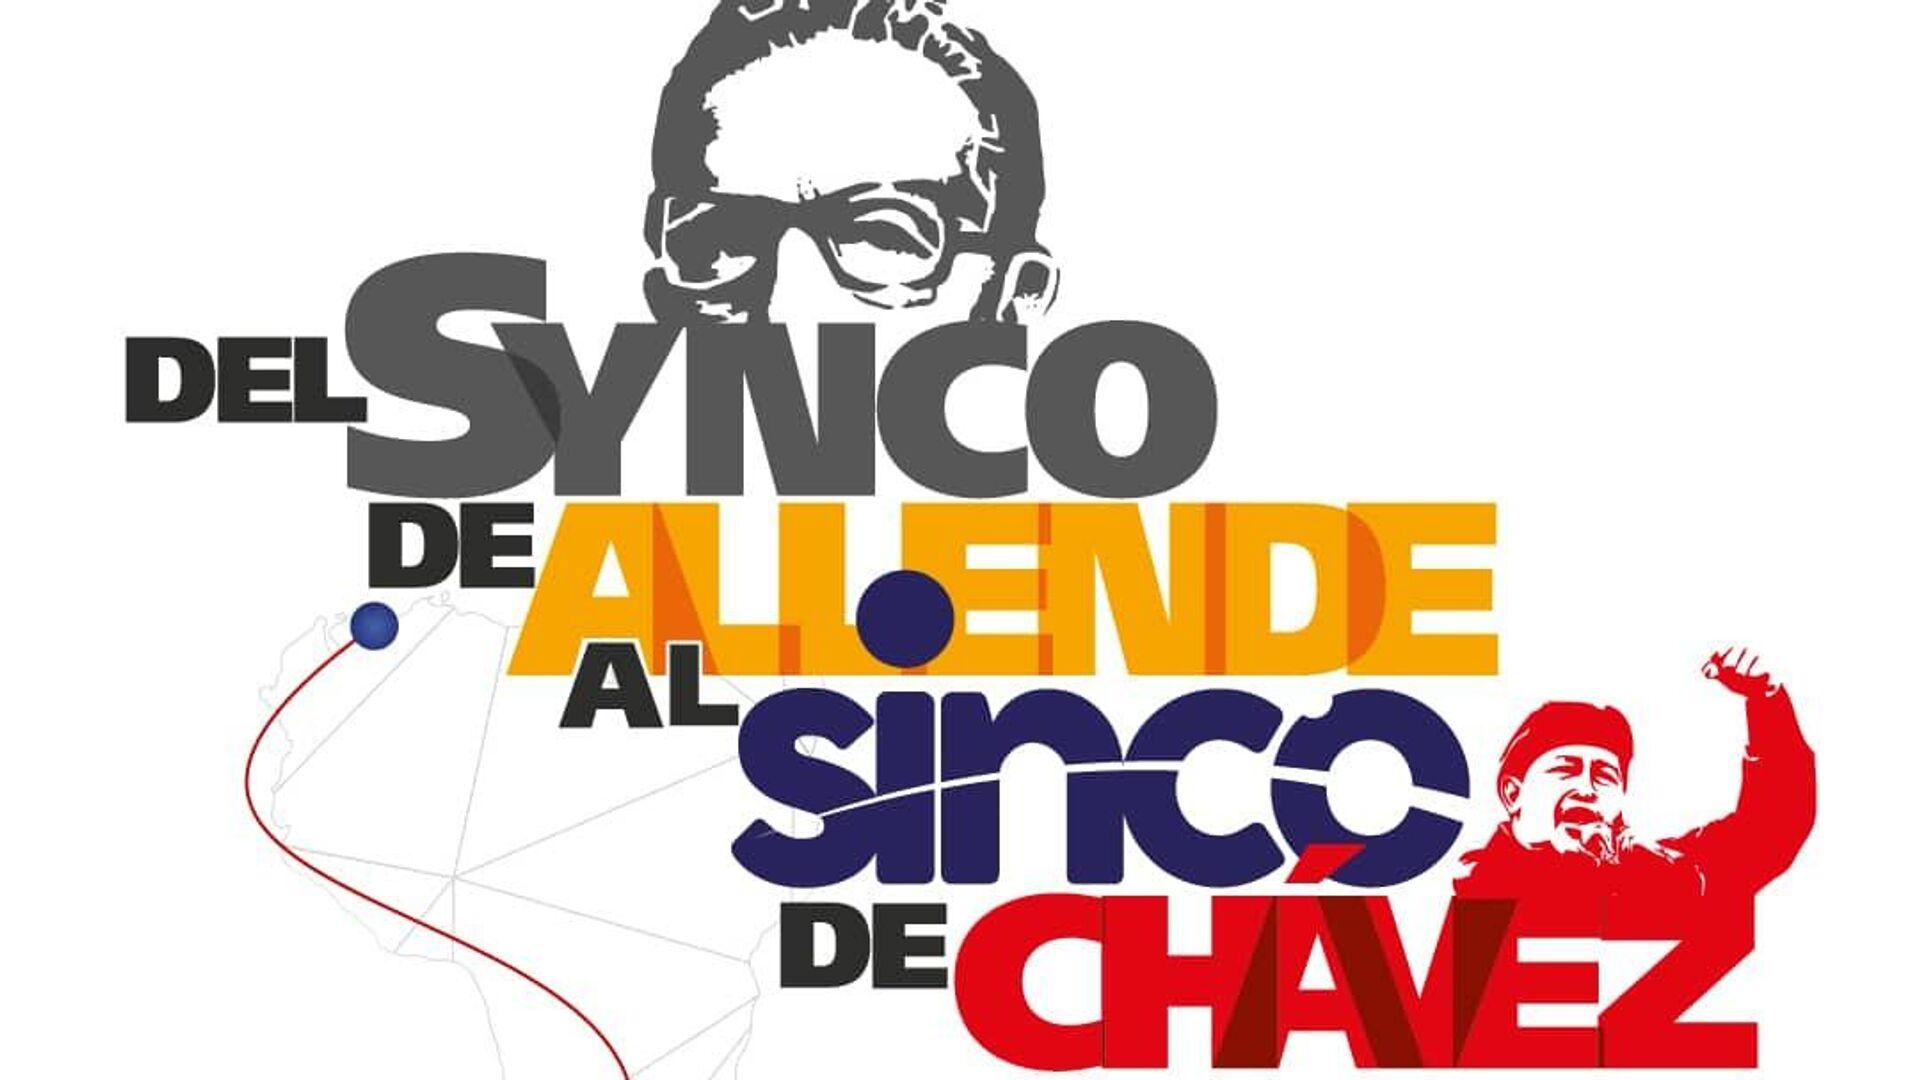 El lema del SINCO, el proyecto digital de Venezuela - Sputnik Mundo, 1920, 15.04.2021